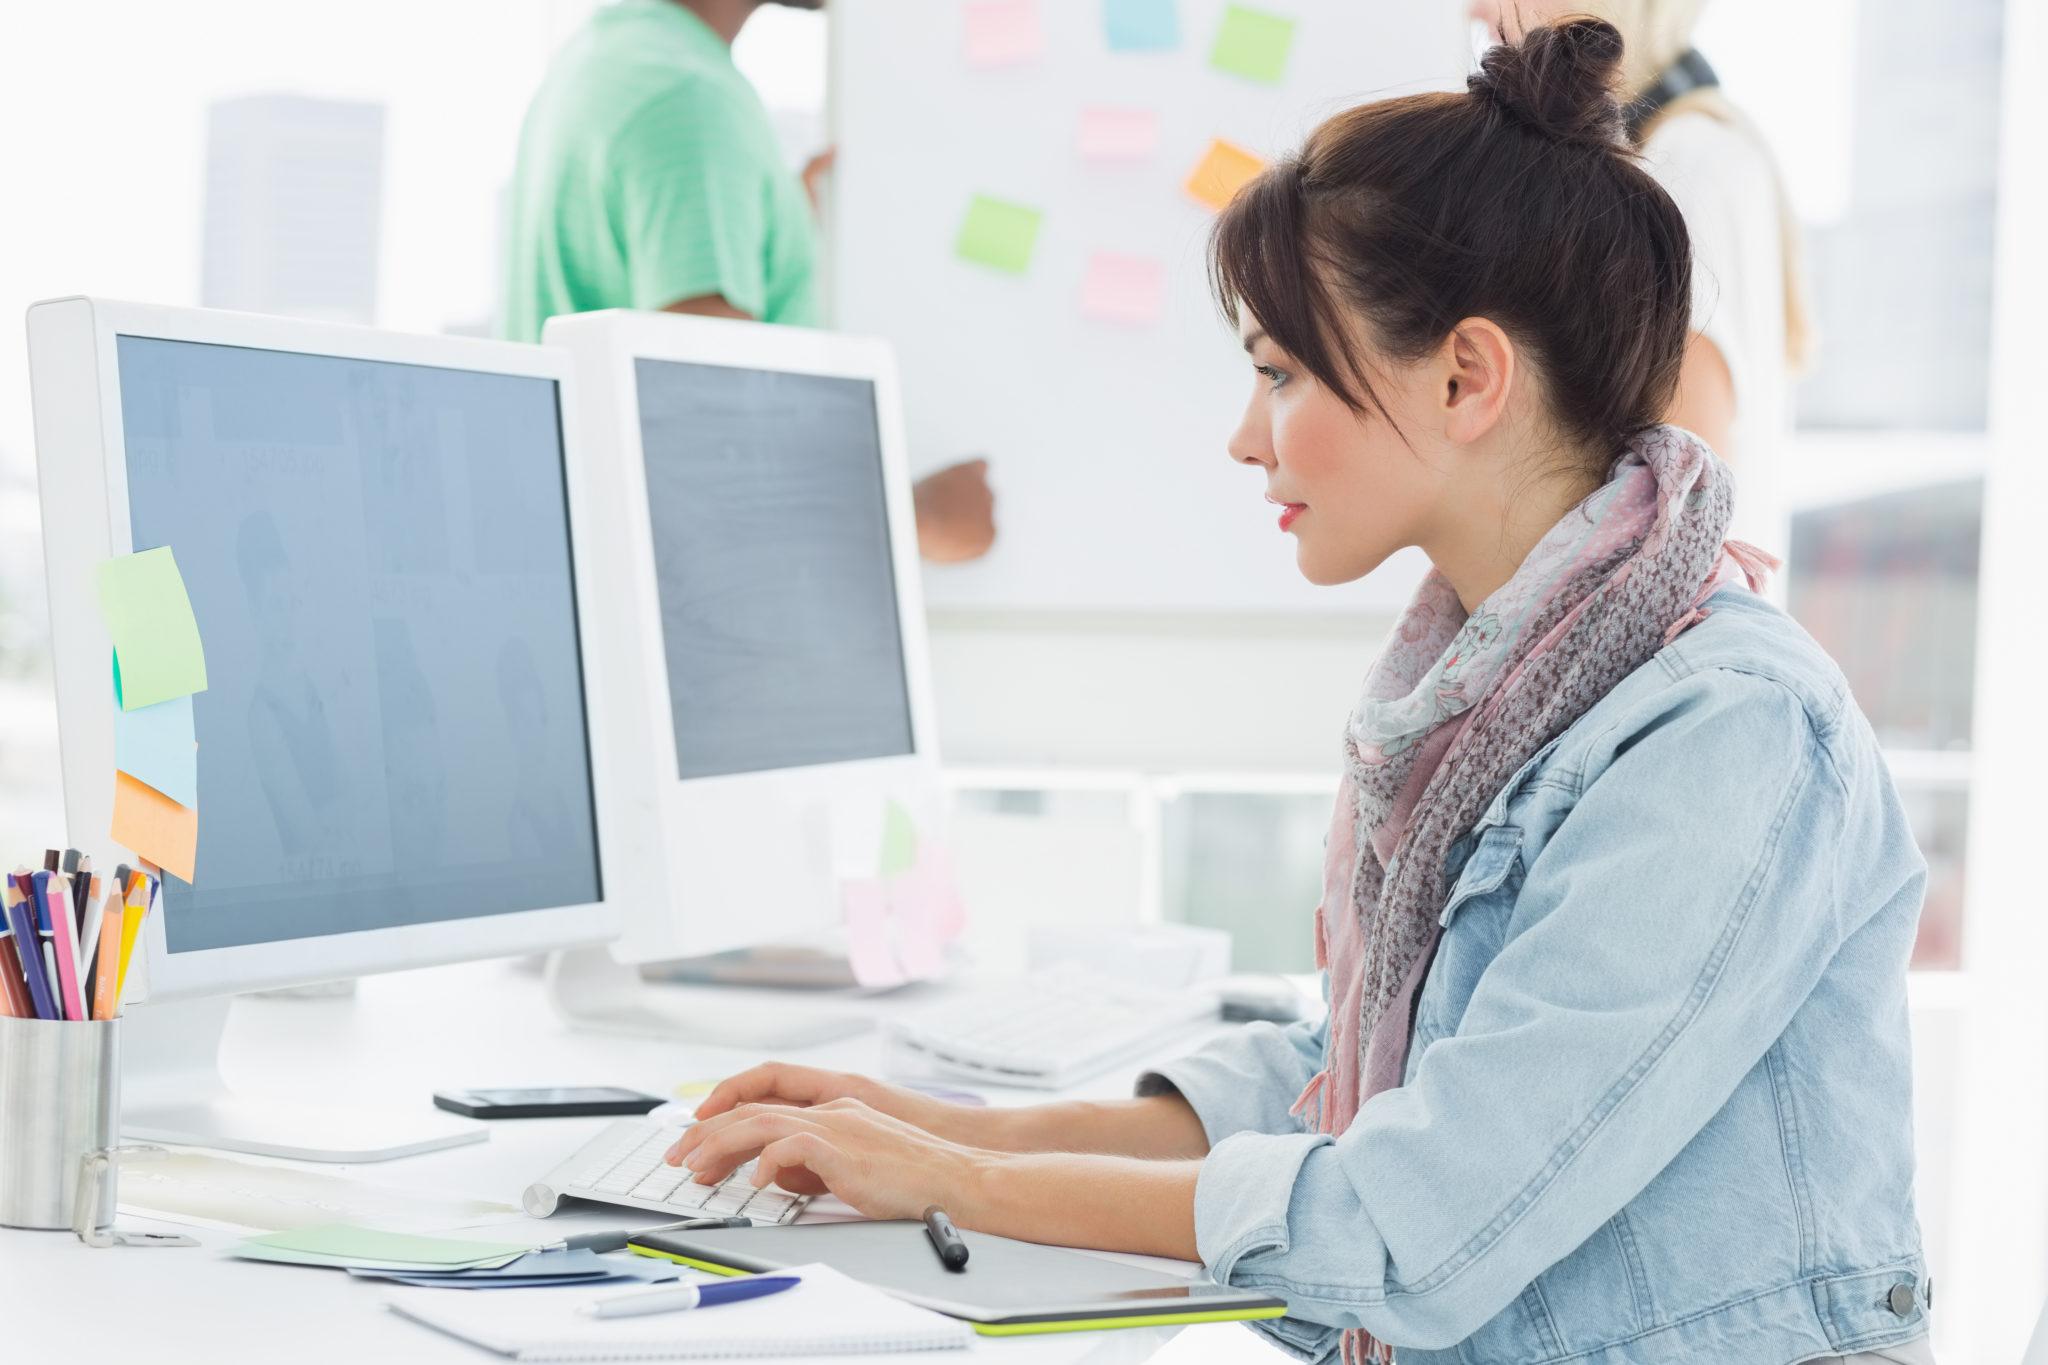 Ya puedes escribir un currículum vitae de profesor sin experiencia, Currículum vitae de profesor, Currículum de Profesor, CV de Profesor